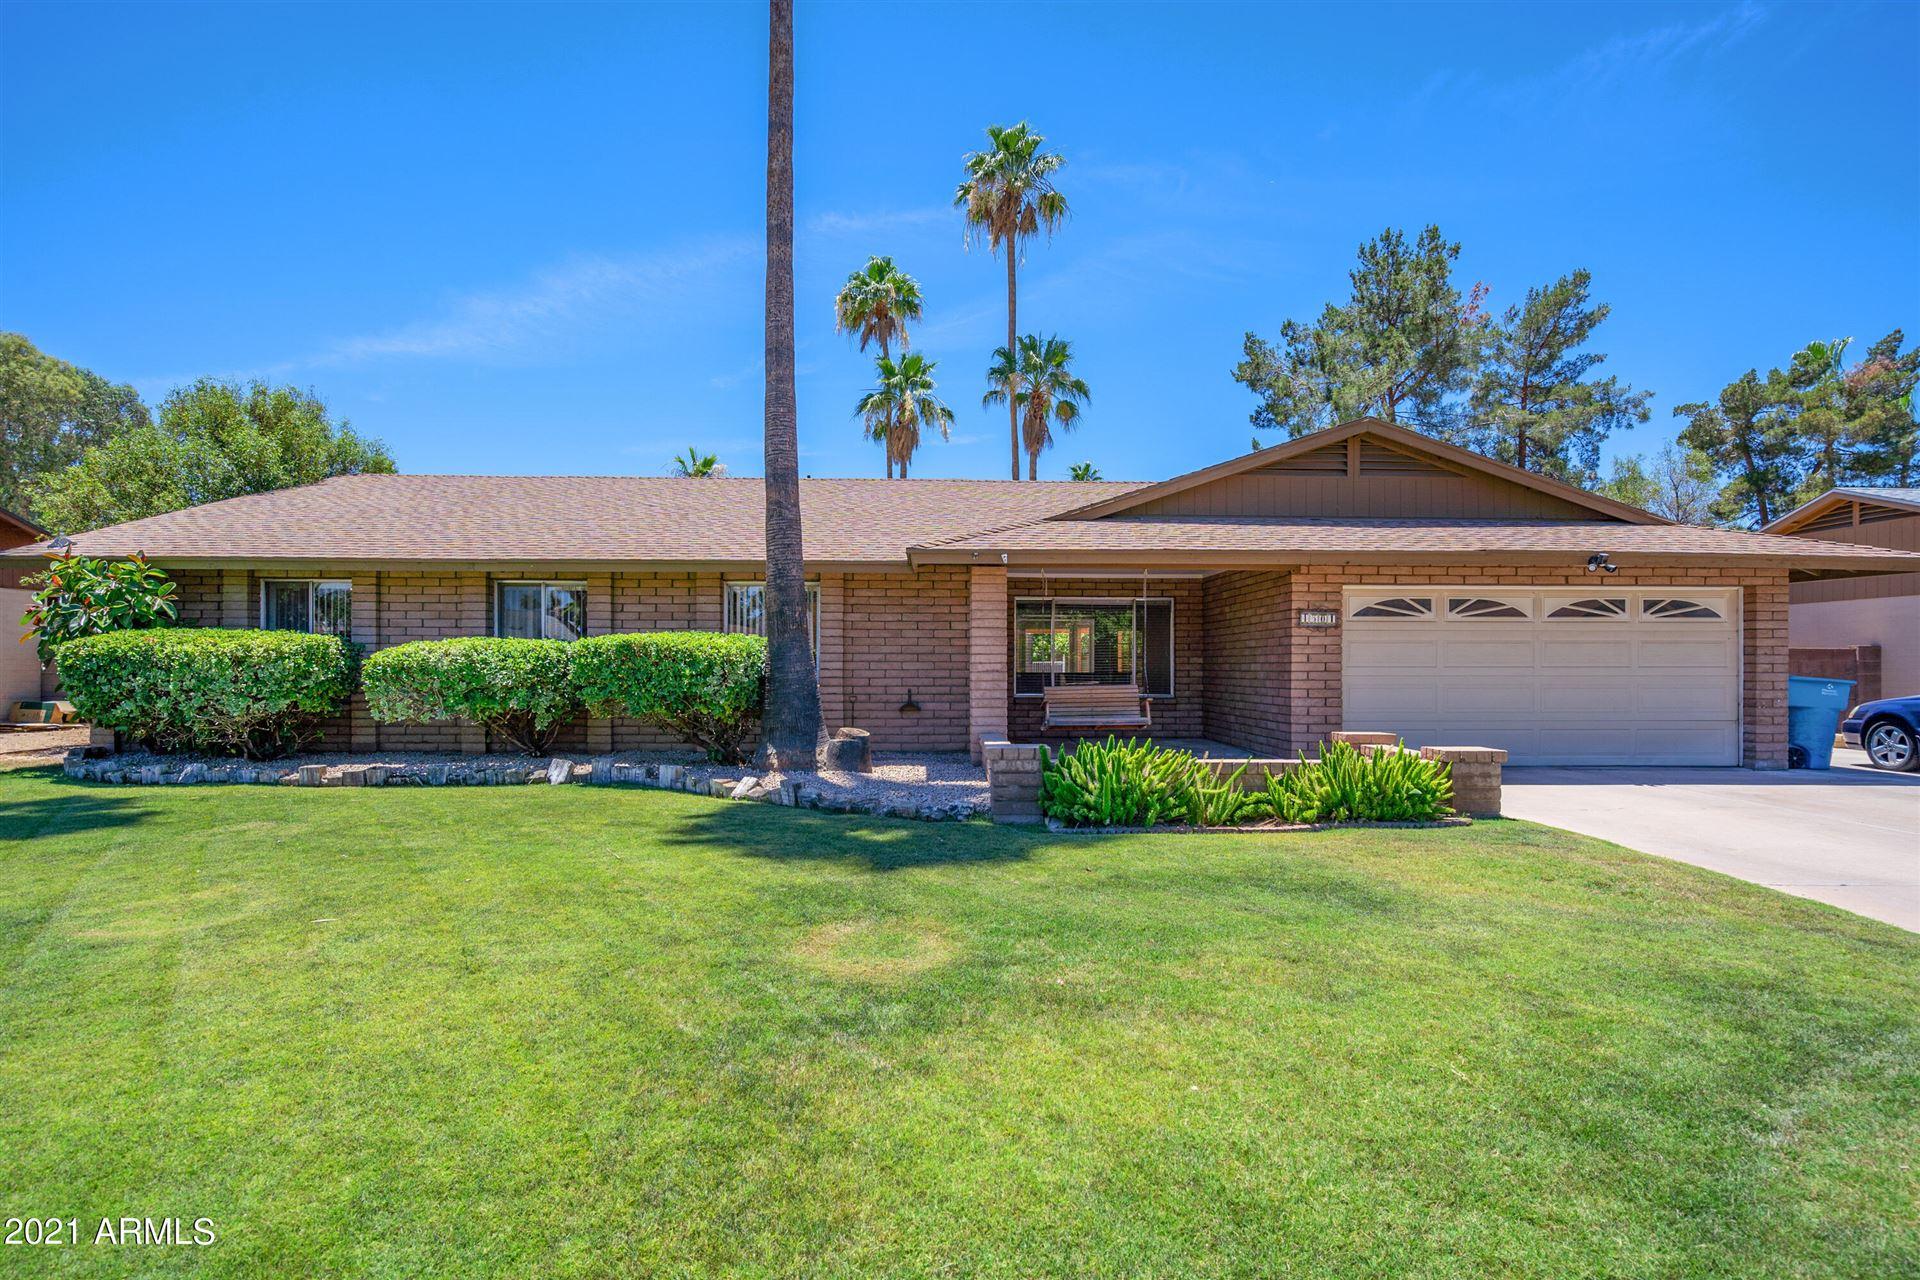 Photo of 4501 E KELTON Lane, Phoenix, AZ 85032 (MLS # 6248259)